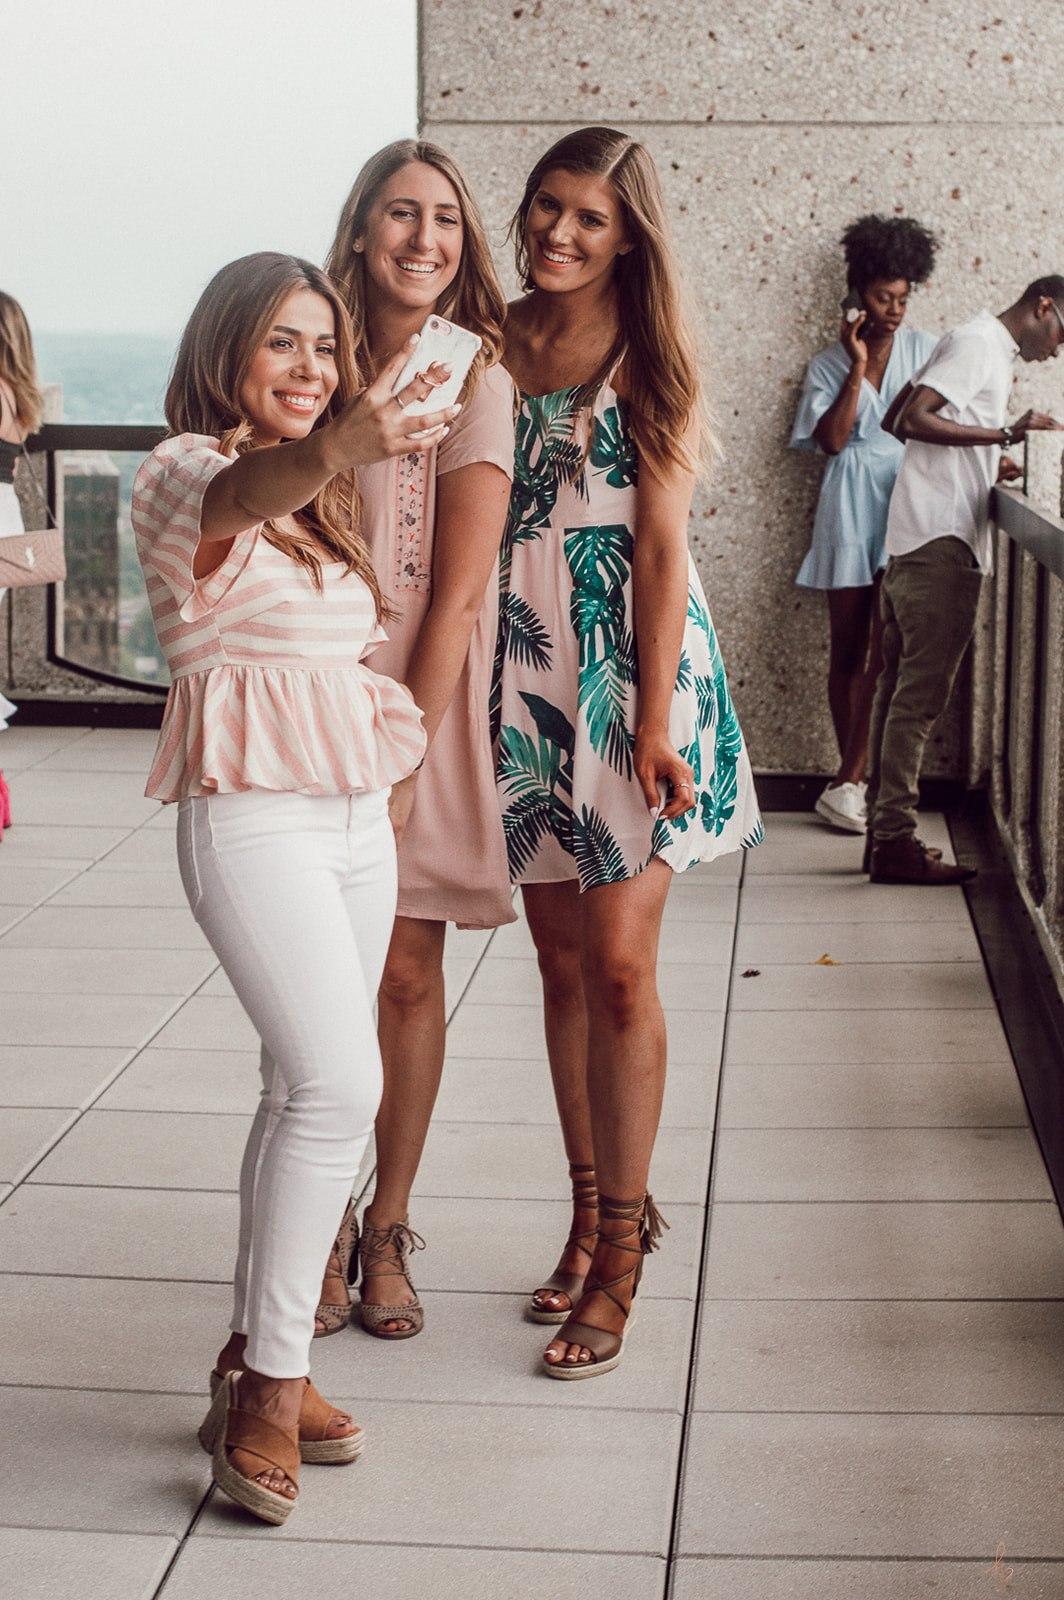 Ilse, Jenna, and Sarah